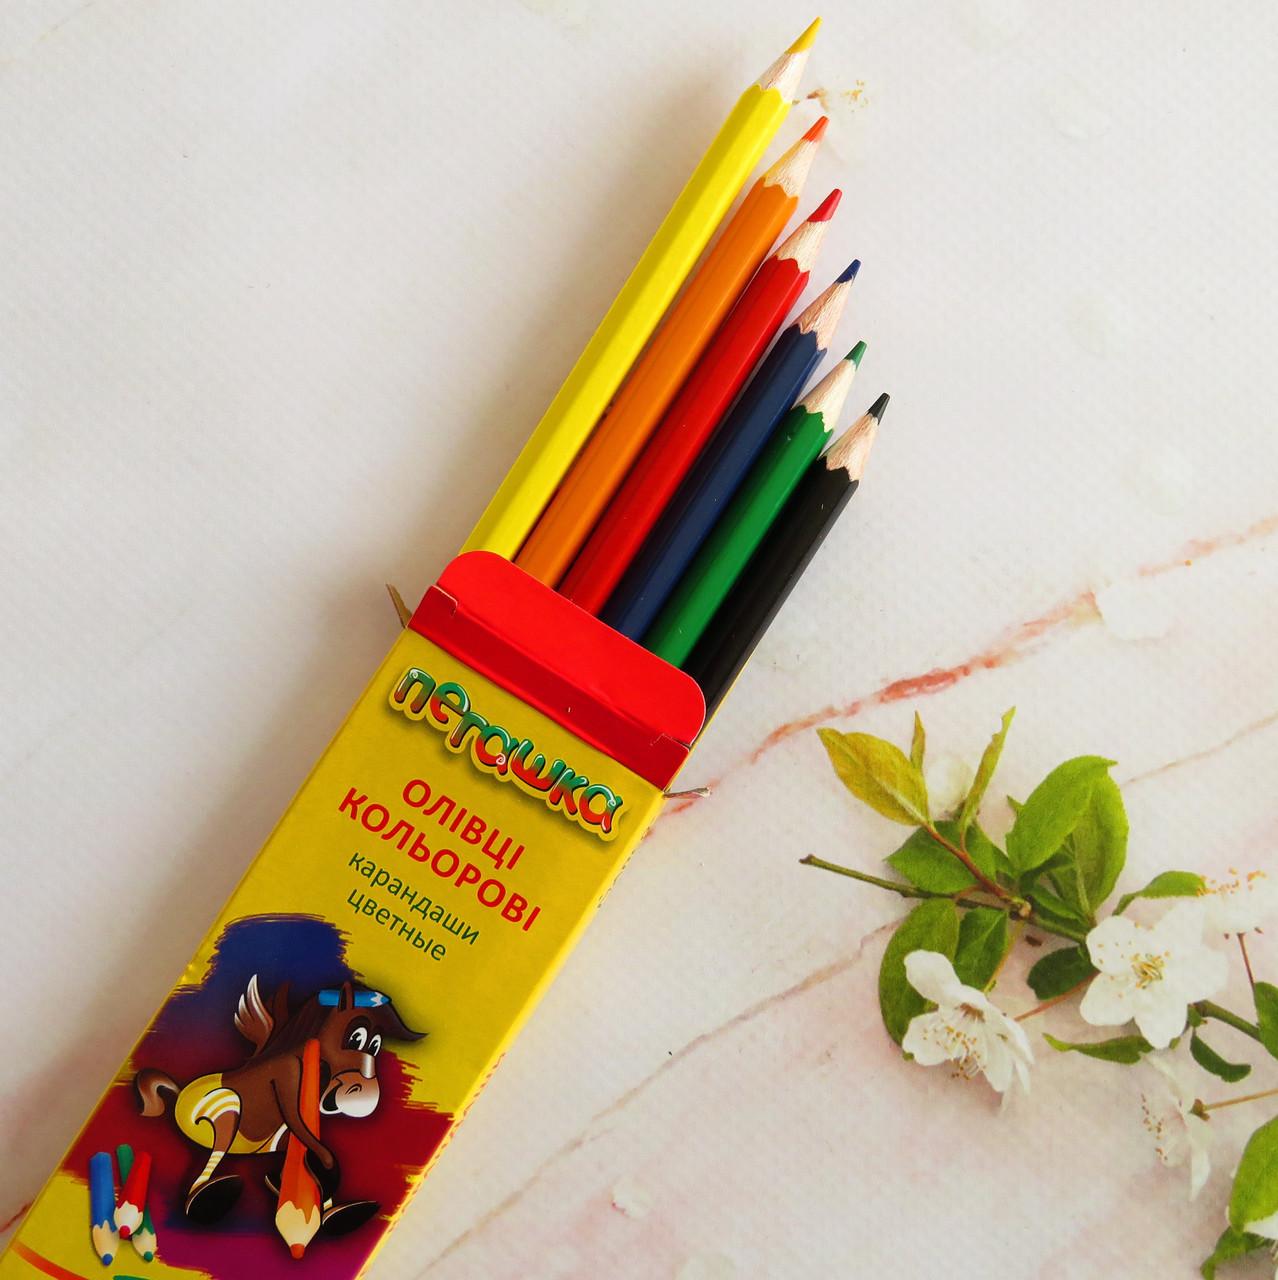 Карандаши Marco пегашку 6 цветов